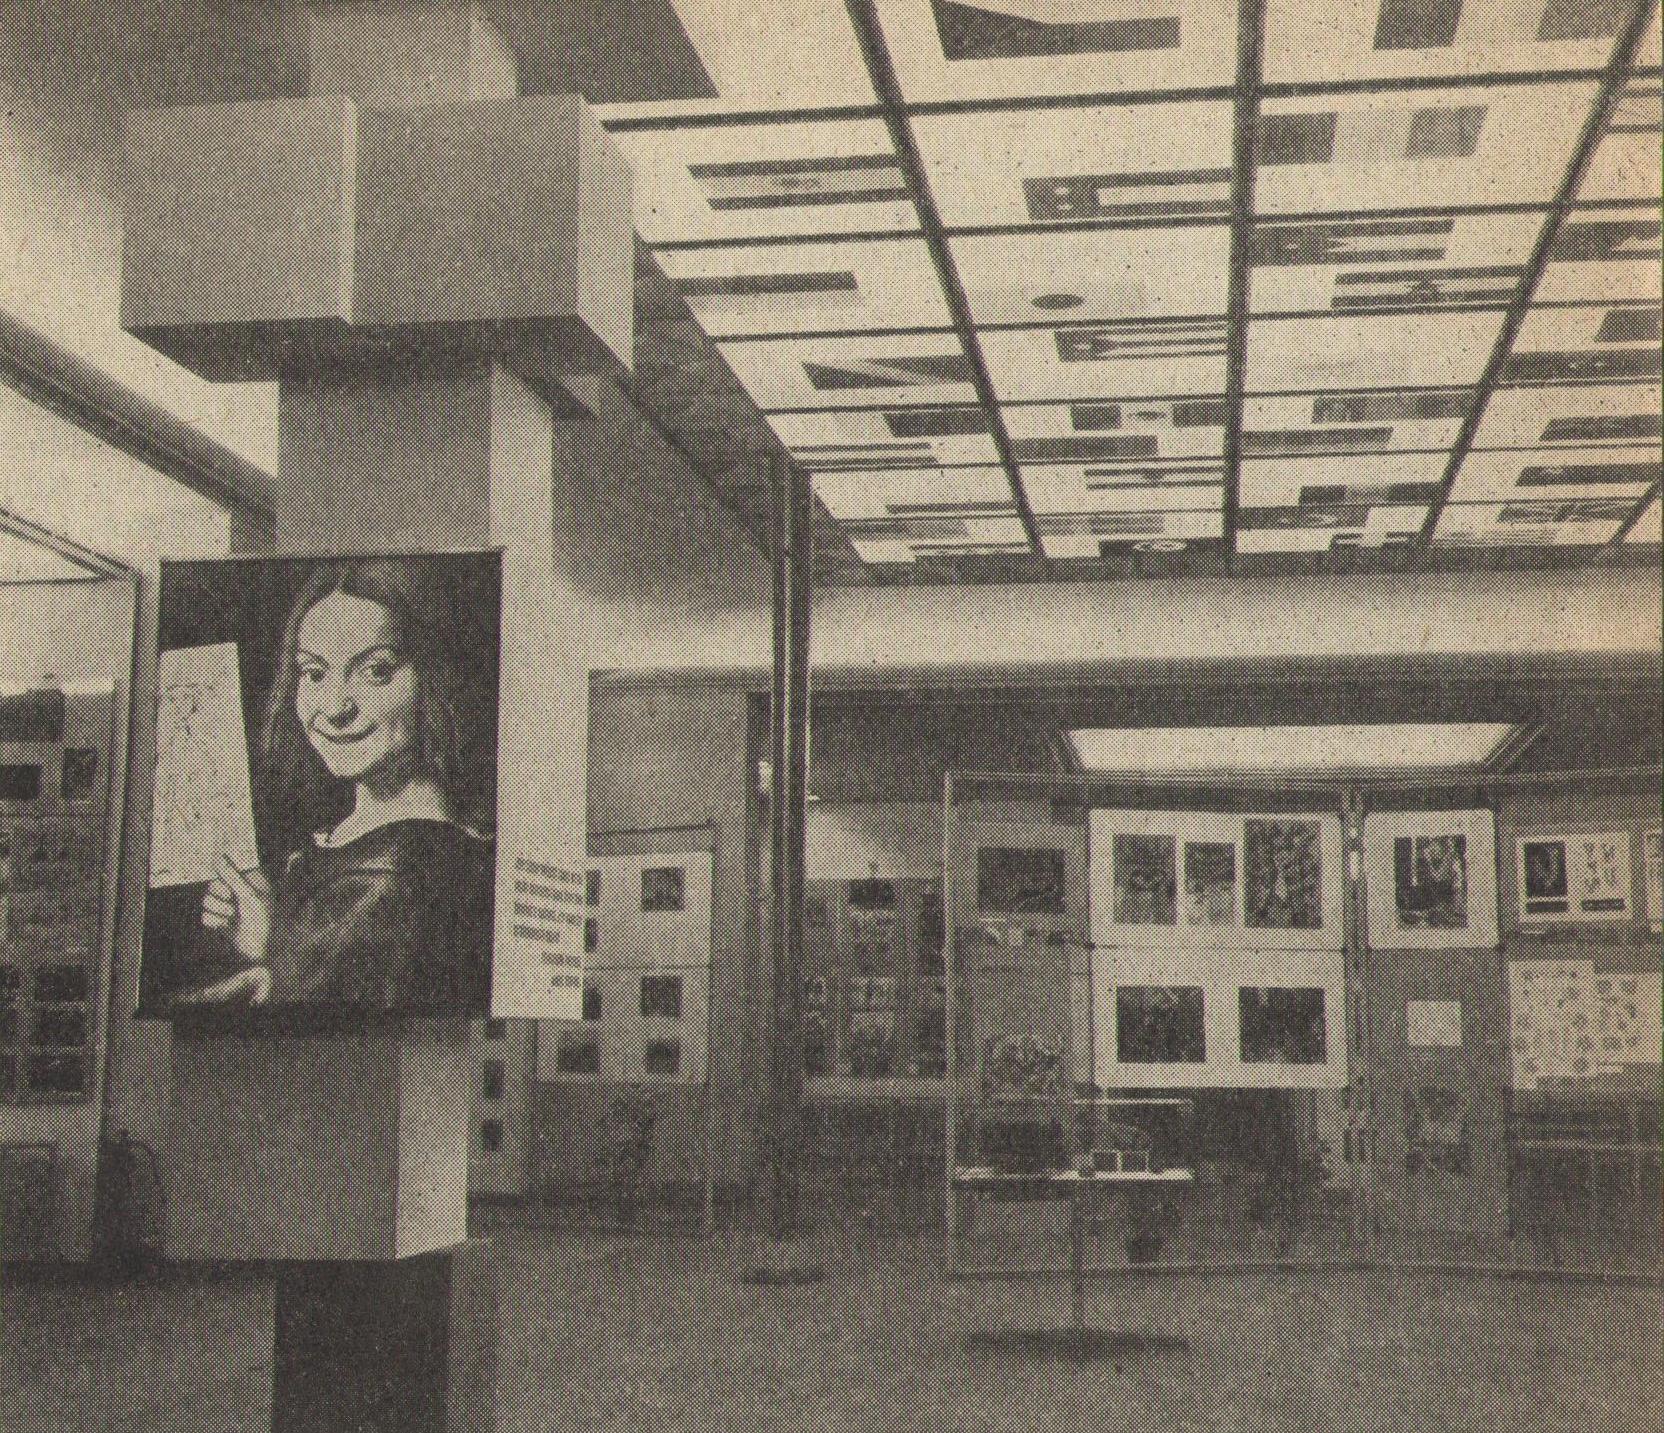 Výstava Dítě a svět, pohled do výstavního prostoru U Hybernů